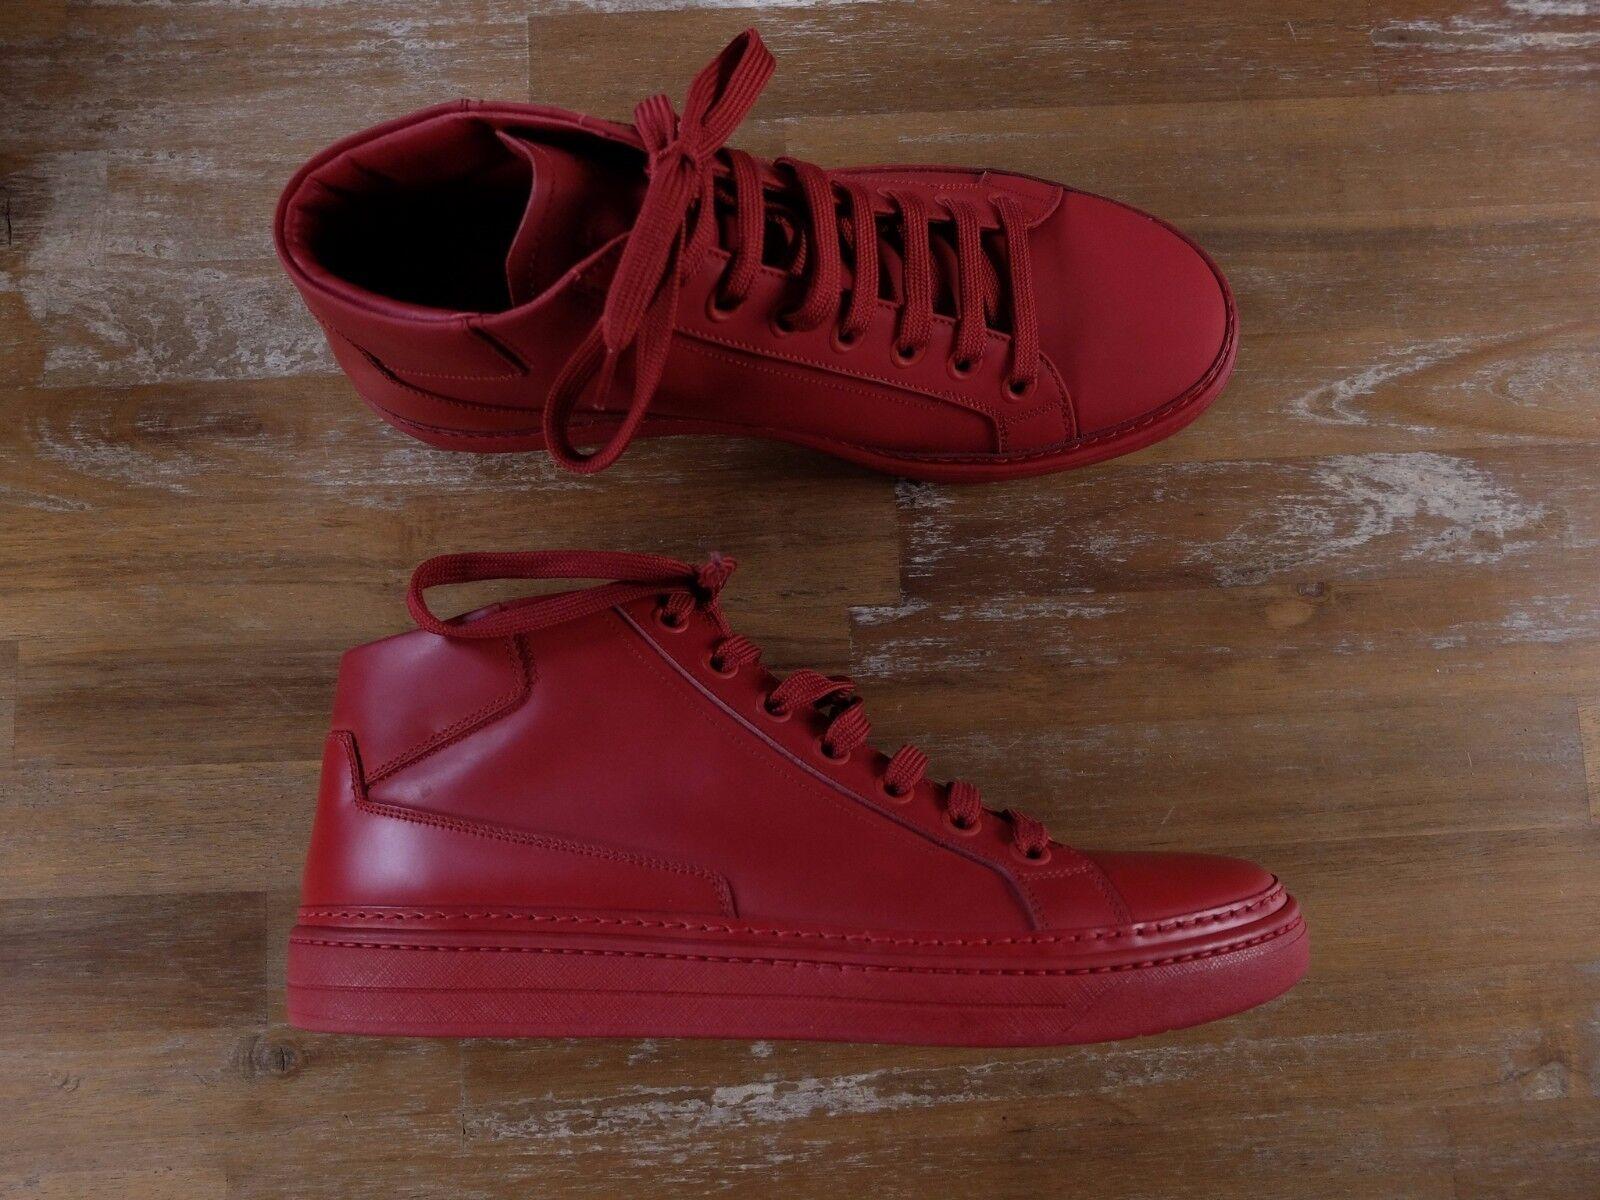 PRADA Milano high top red leather scarpe da ginnastica authentic - Taglia 10 US / 43 EU / 9 UK